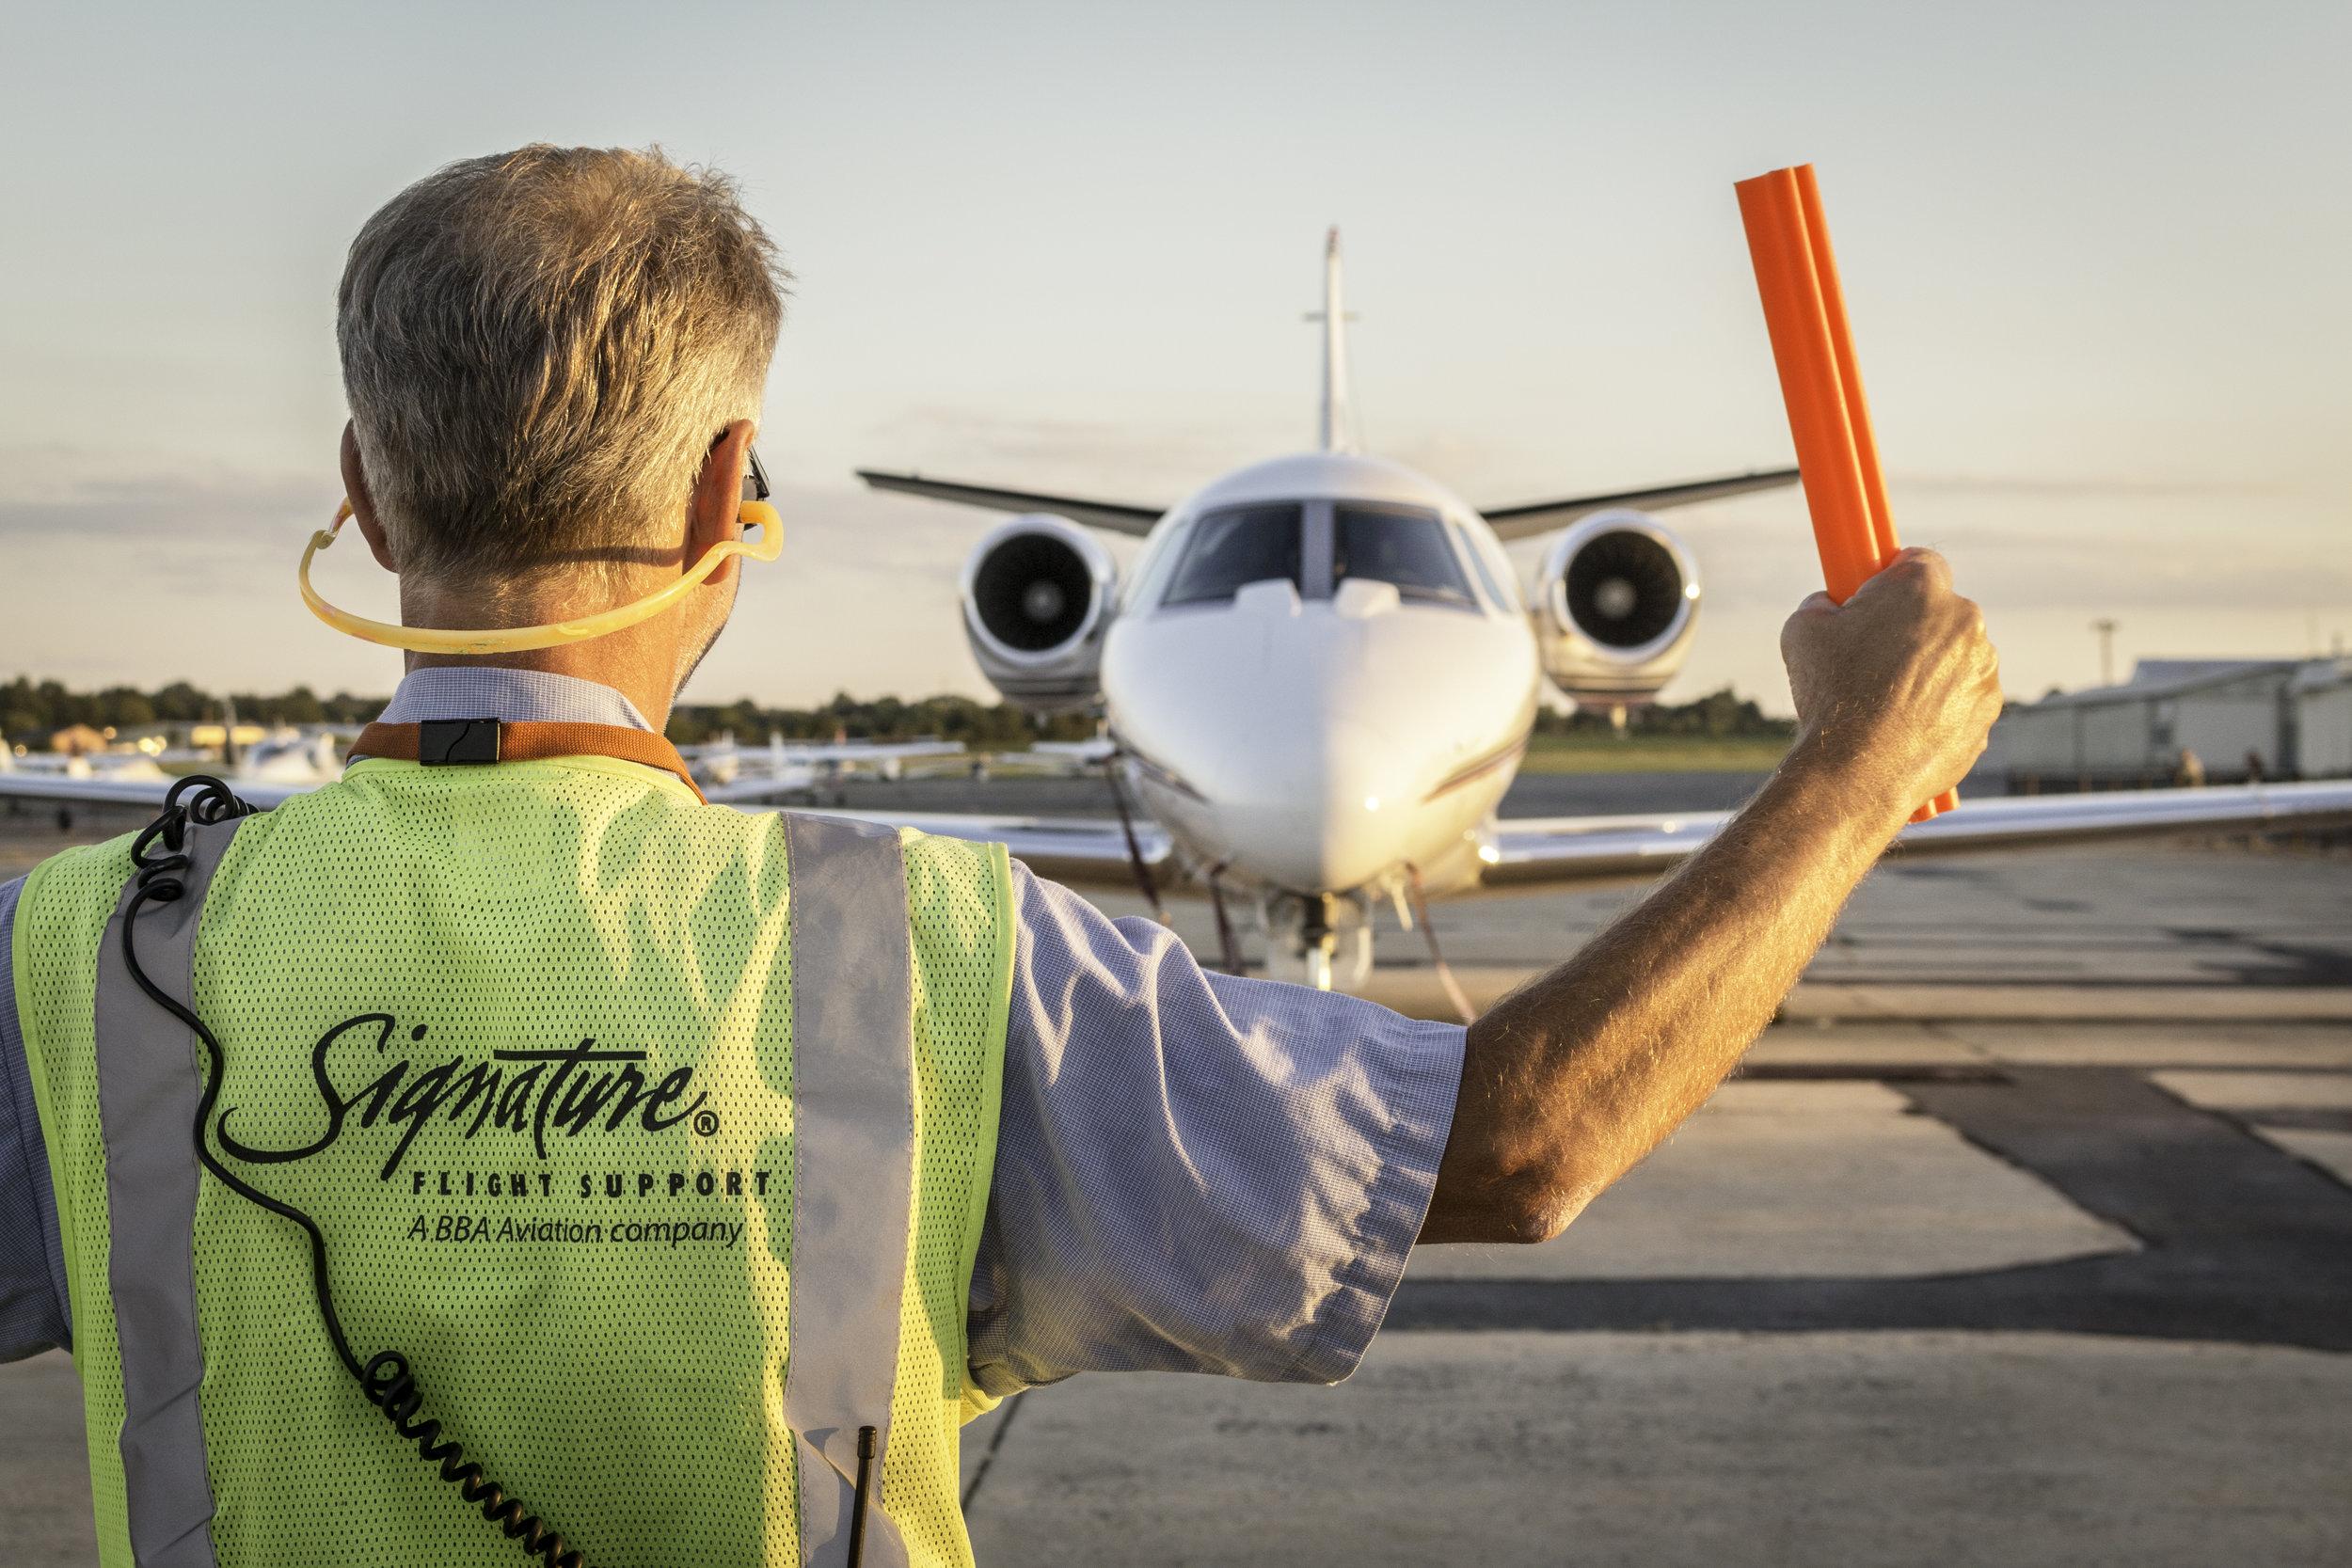 First Class Amenities - FDK offers the amenities flight departments demand:· Control Tower & Class